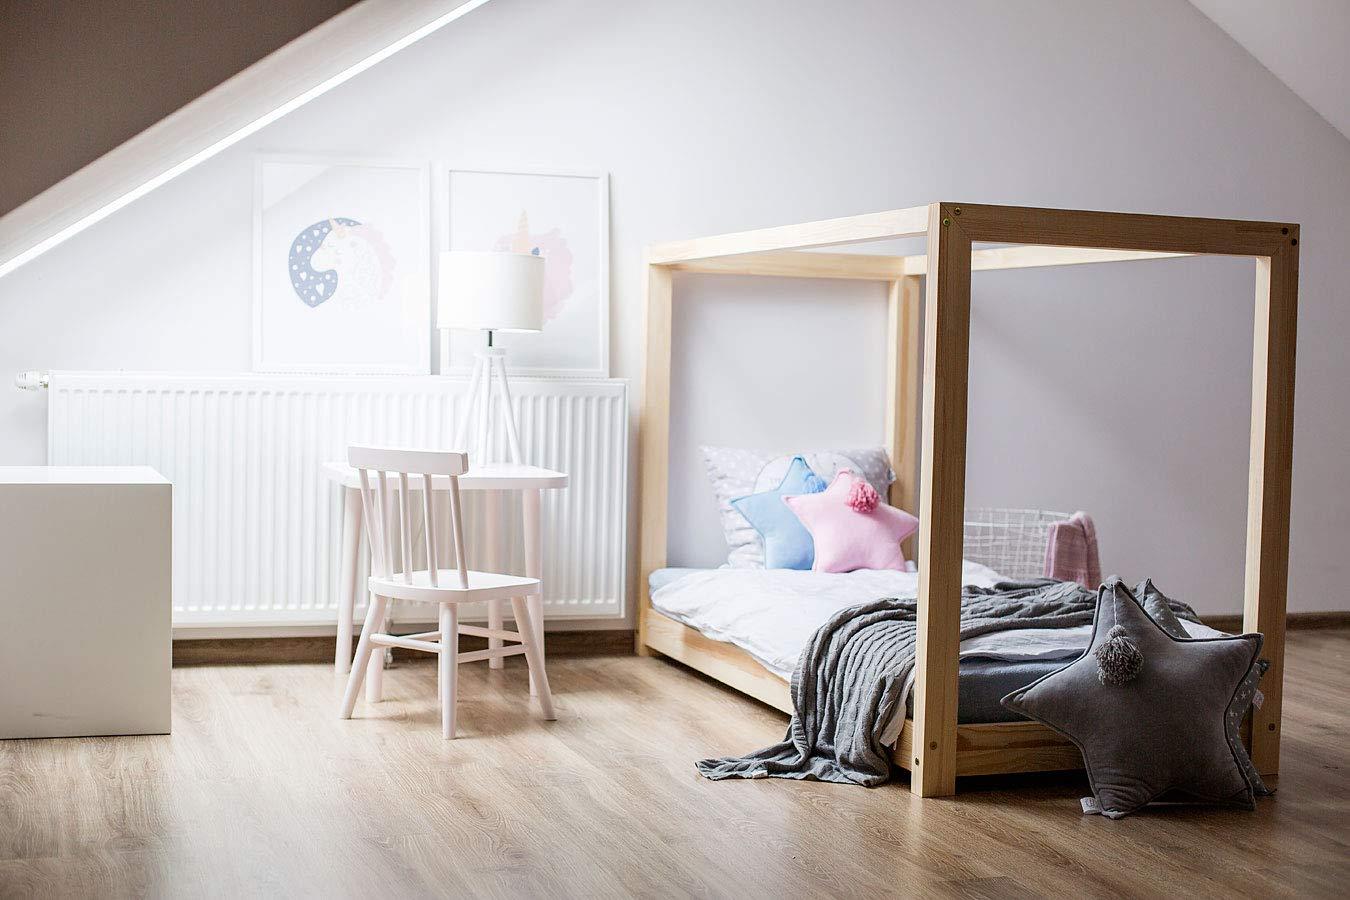 Best For Kids Hausbett Cube Kinderbett Kinderhaus Jugendbett Natur Haus Holz Bett in viele Größen 70x140cm-160x200cm(140x200cm)